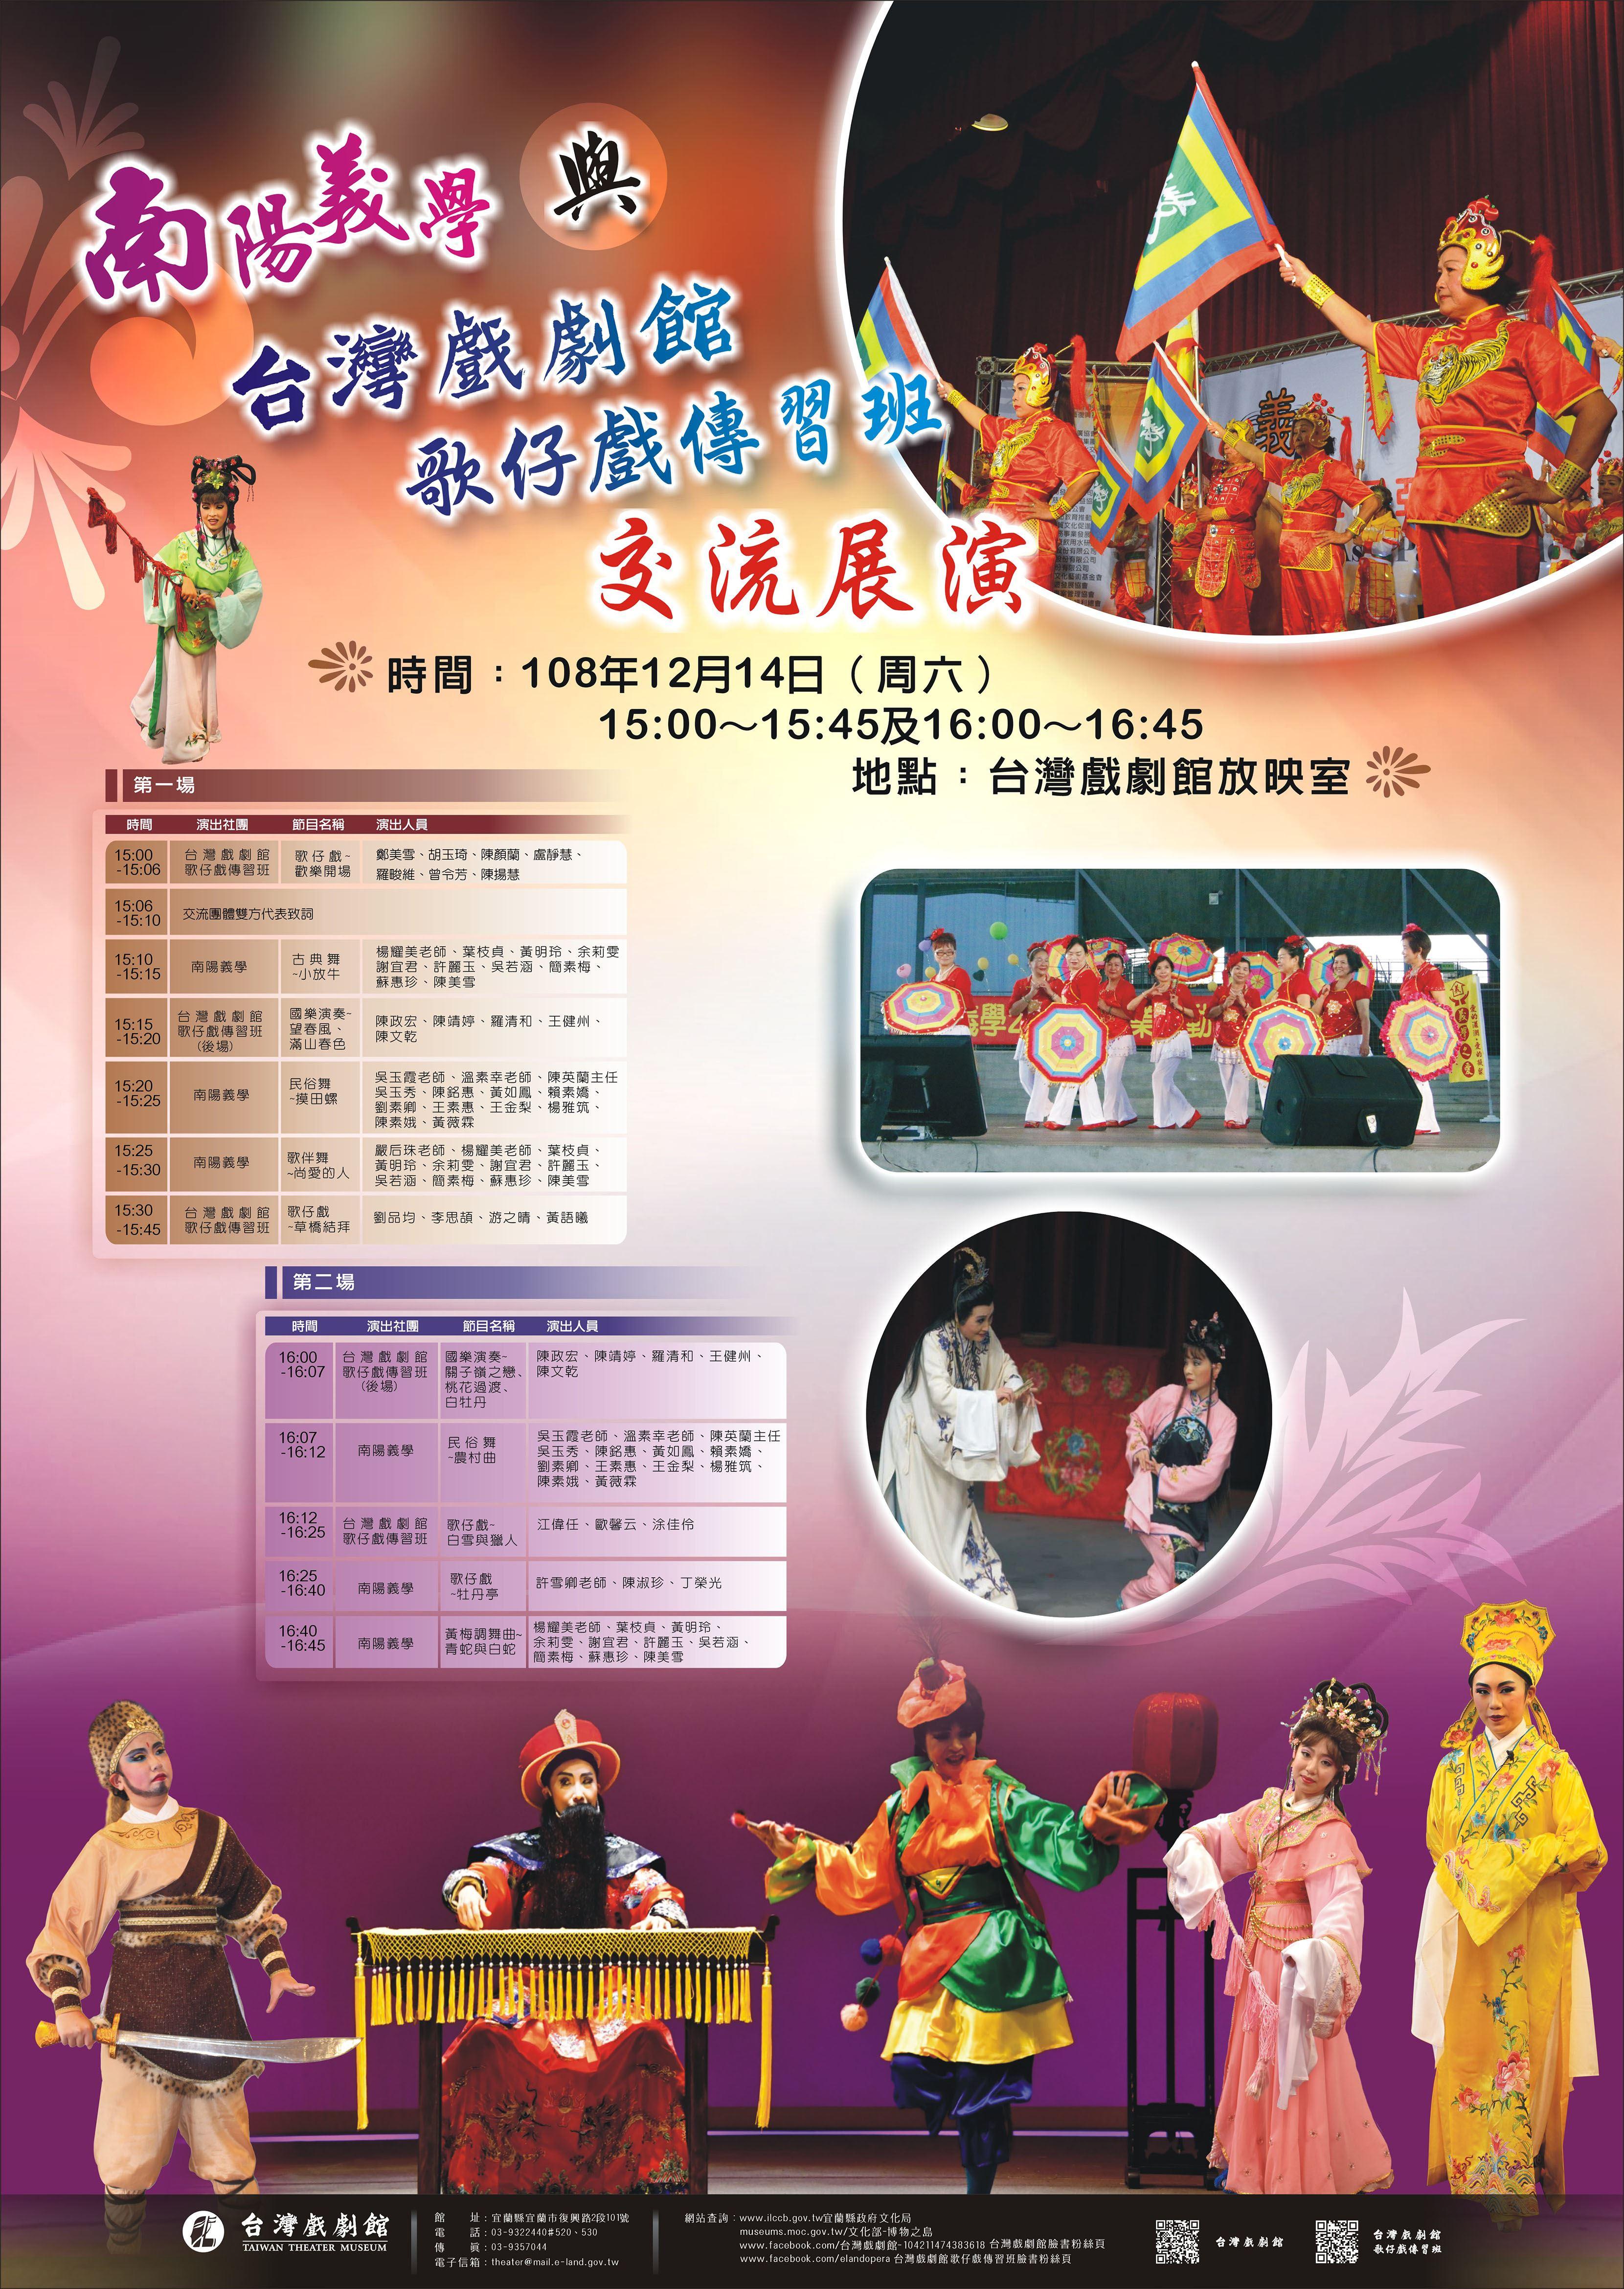 南陽義學與台灣戲劇館歌仔戲傳習班交流展演海報